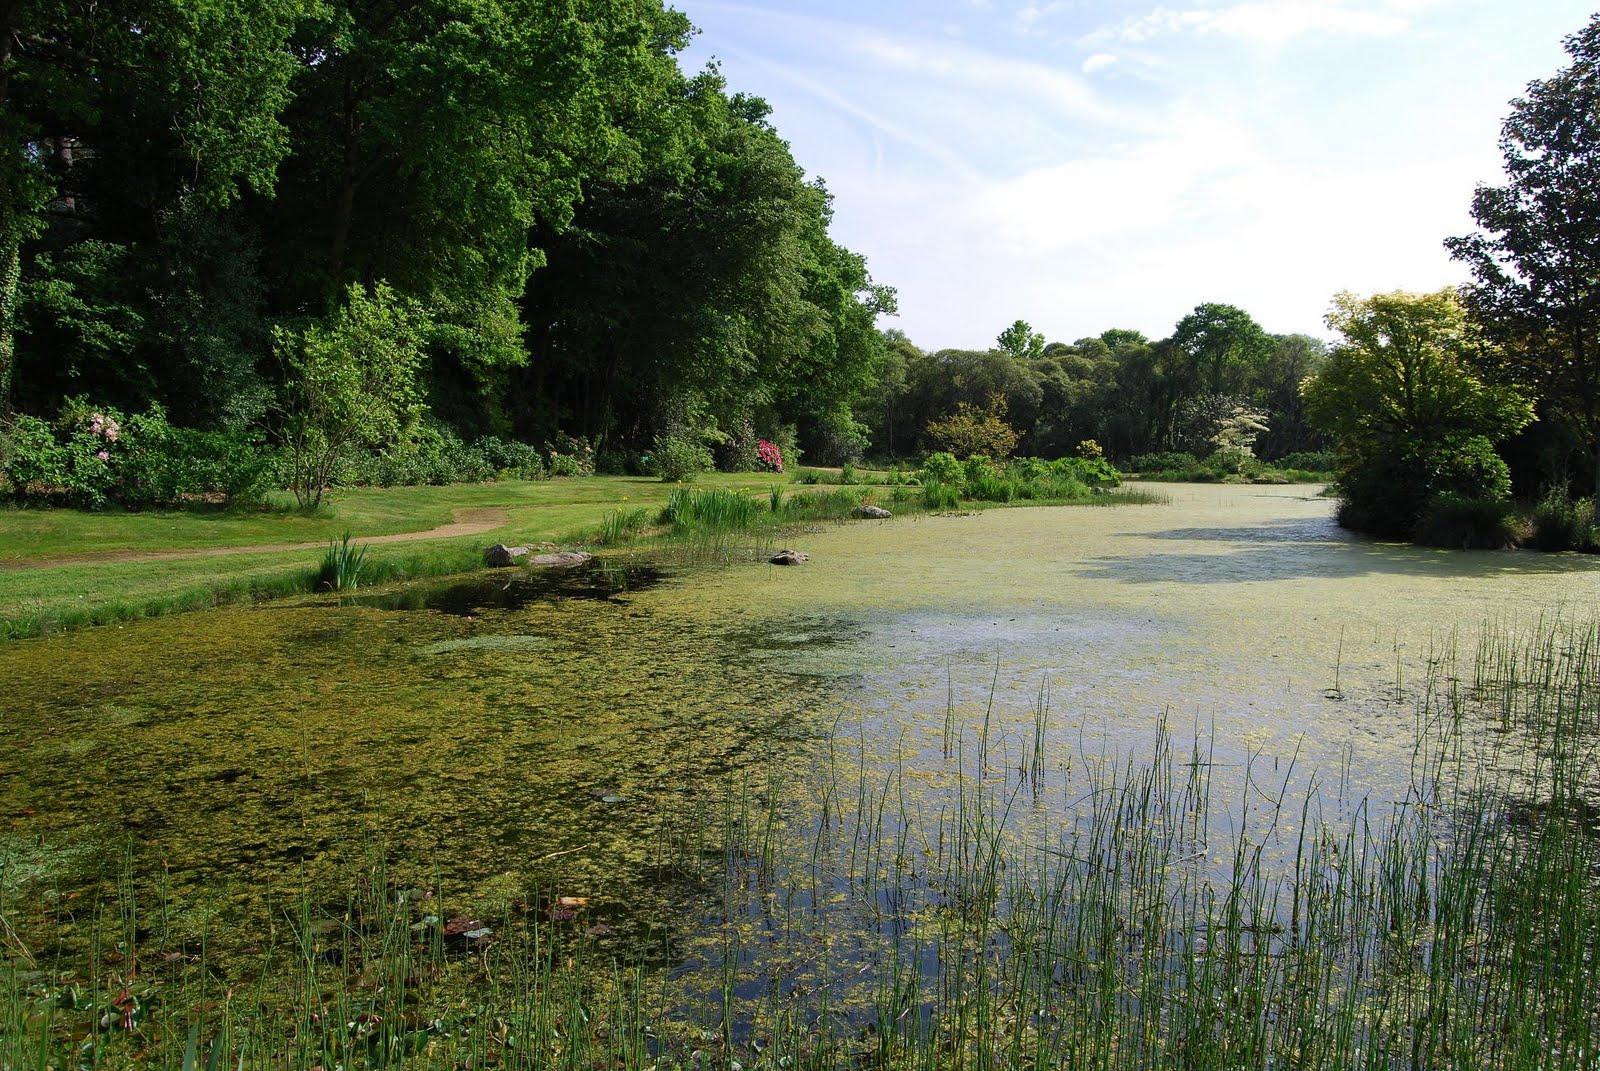 Le blog de parcs et jardins de l 39 oise le jardin botanique de cornouaille - Jardin botanique de cornouaille ...